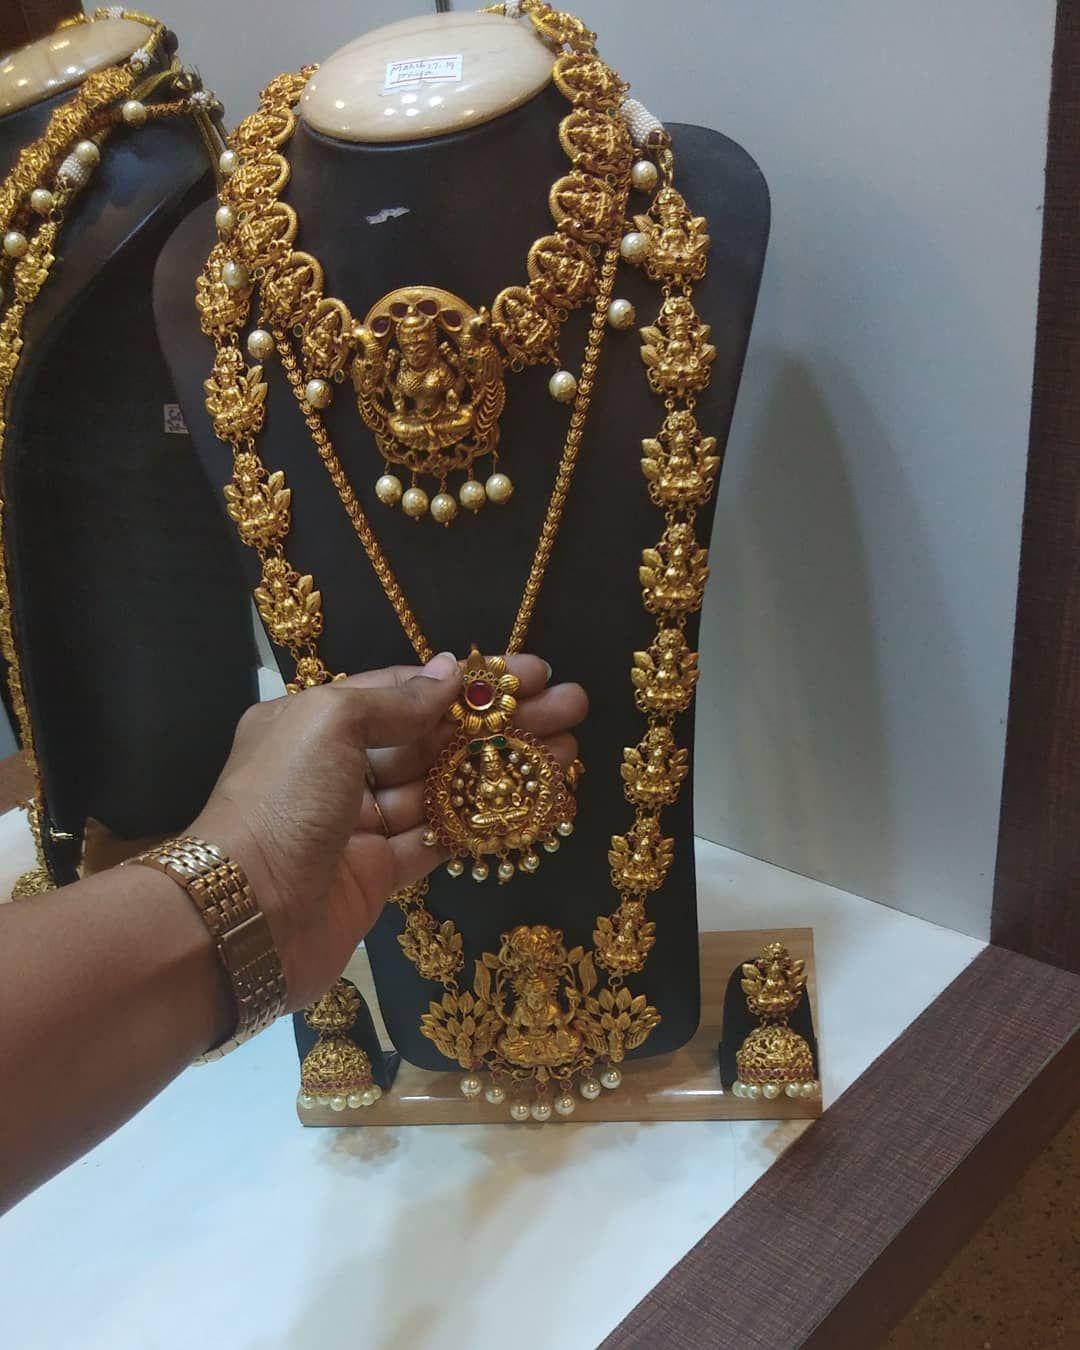 Jewelleryforrent Weddingjewellery Rentaljewellery Bridaljewellery Rent Coimbatore 9952513869 Bridal Jewelry Wedding Jewelry Jewelry